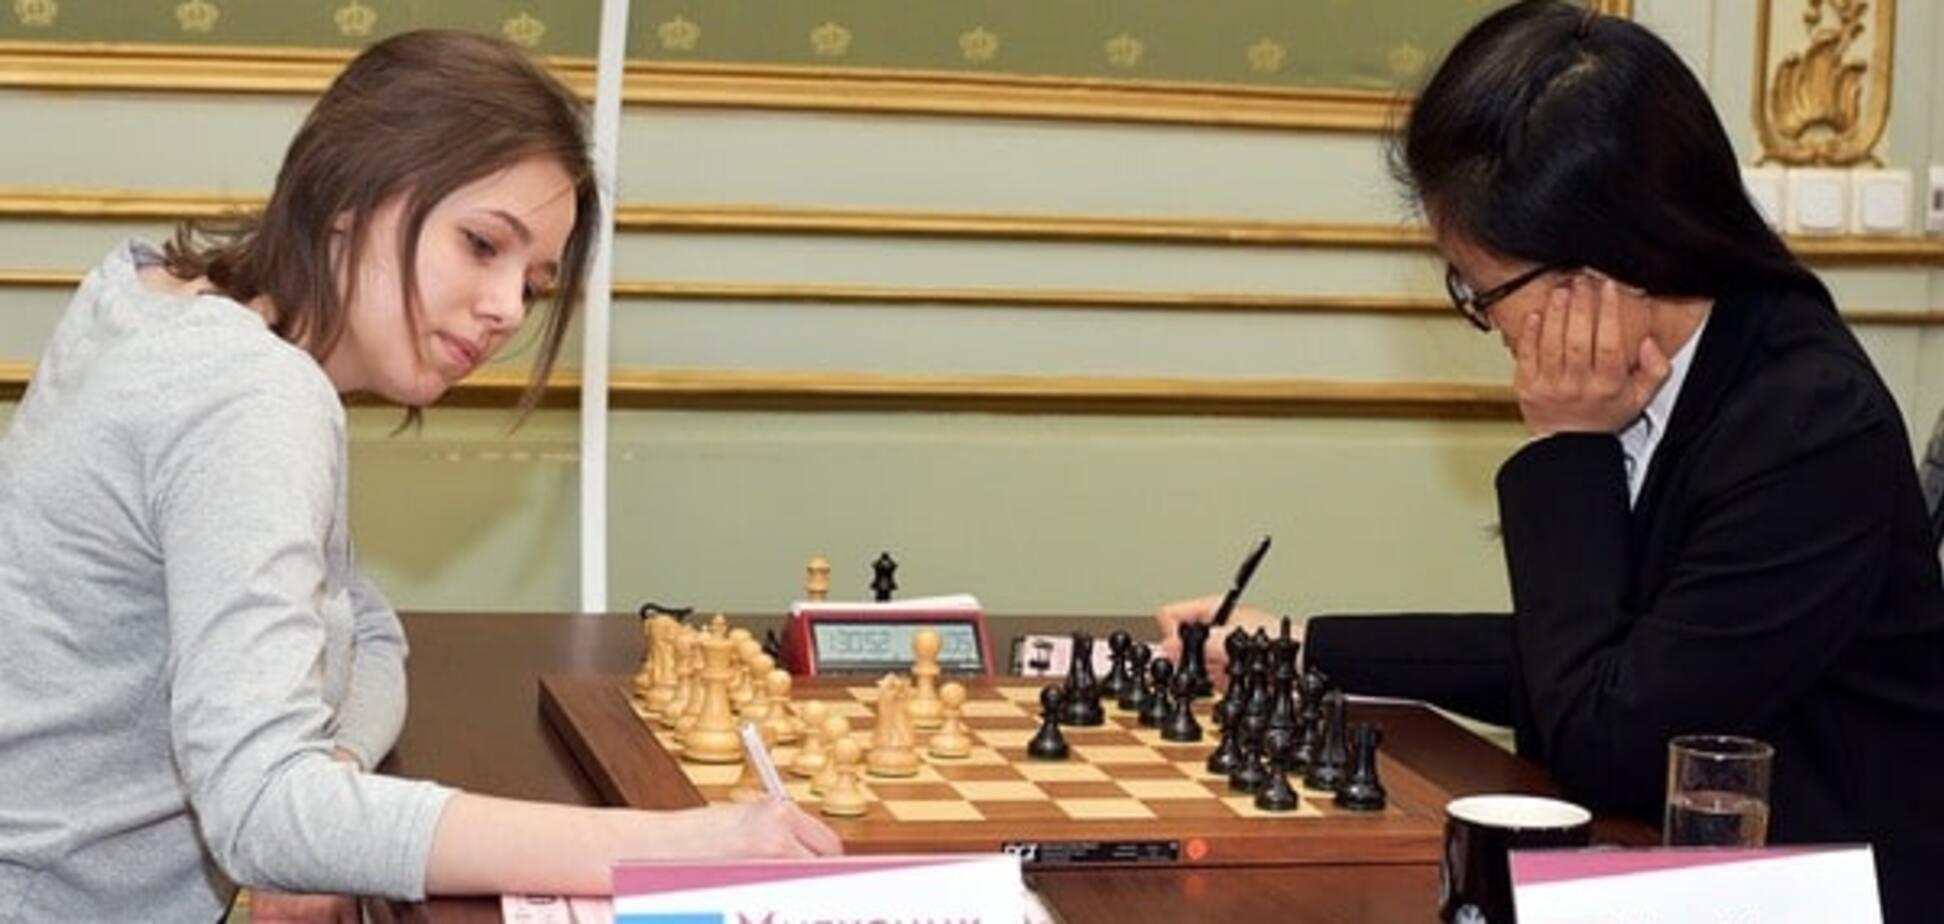 Украинка Музычук сыграла вничью первую партию финала чемпионата мира по шахматам